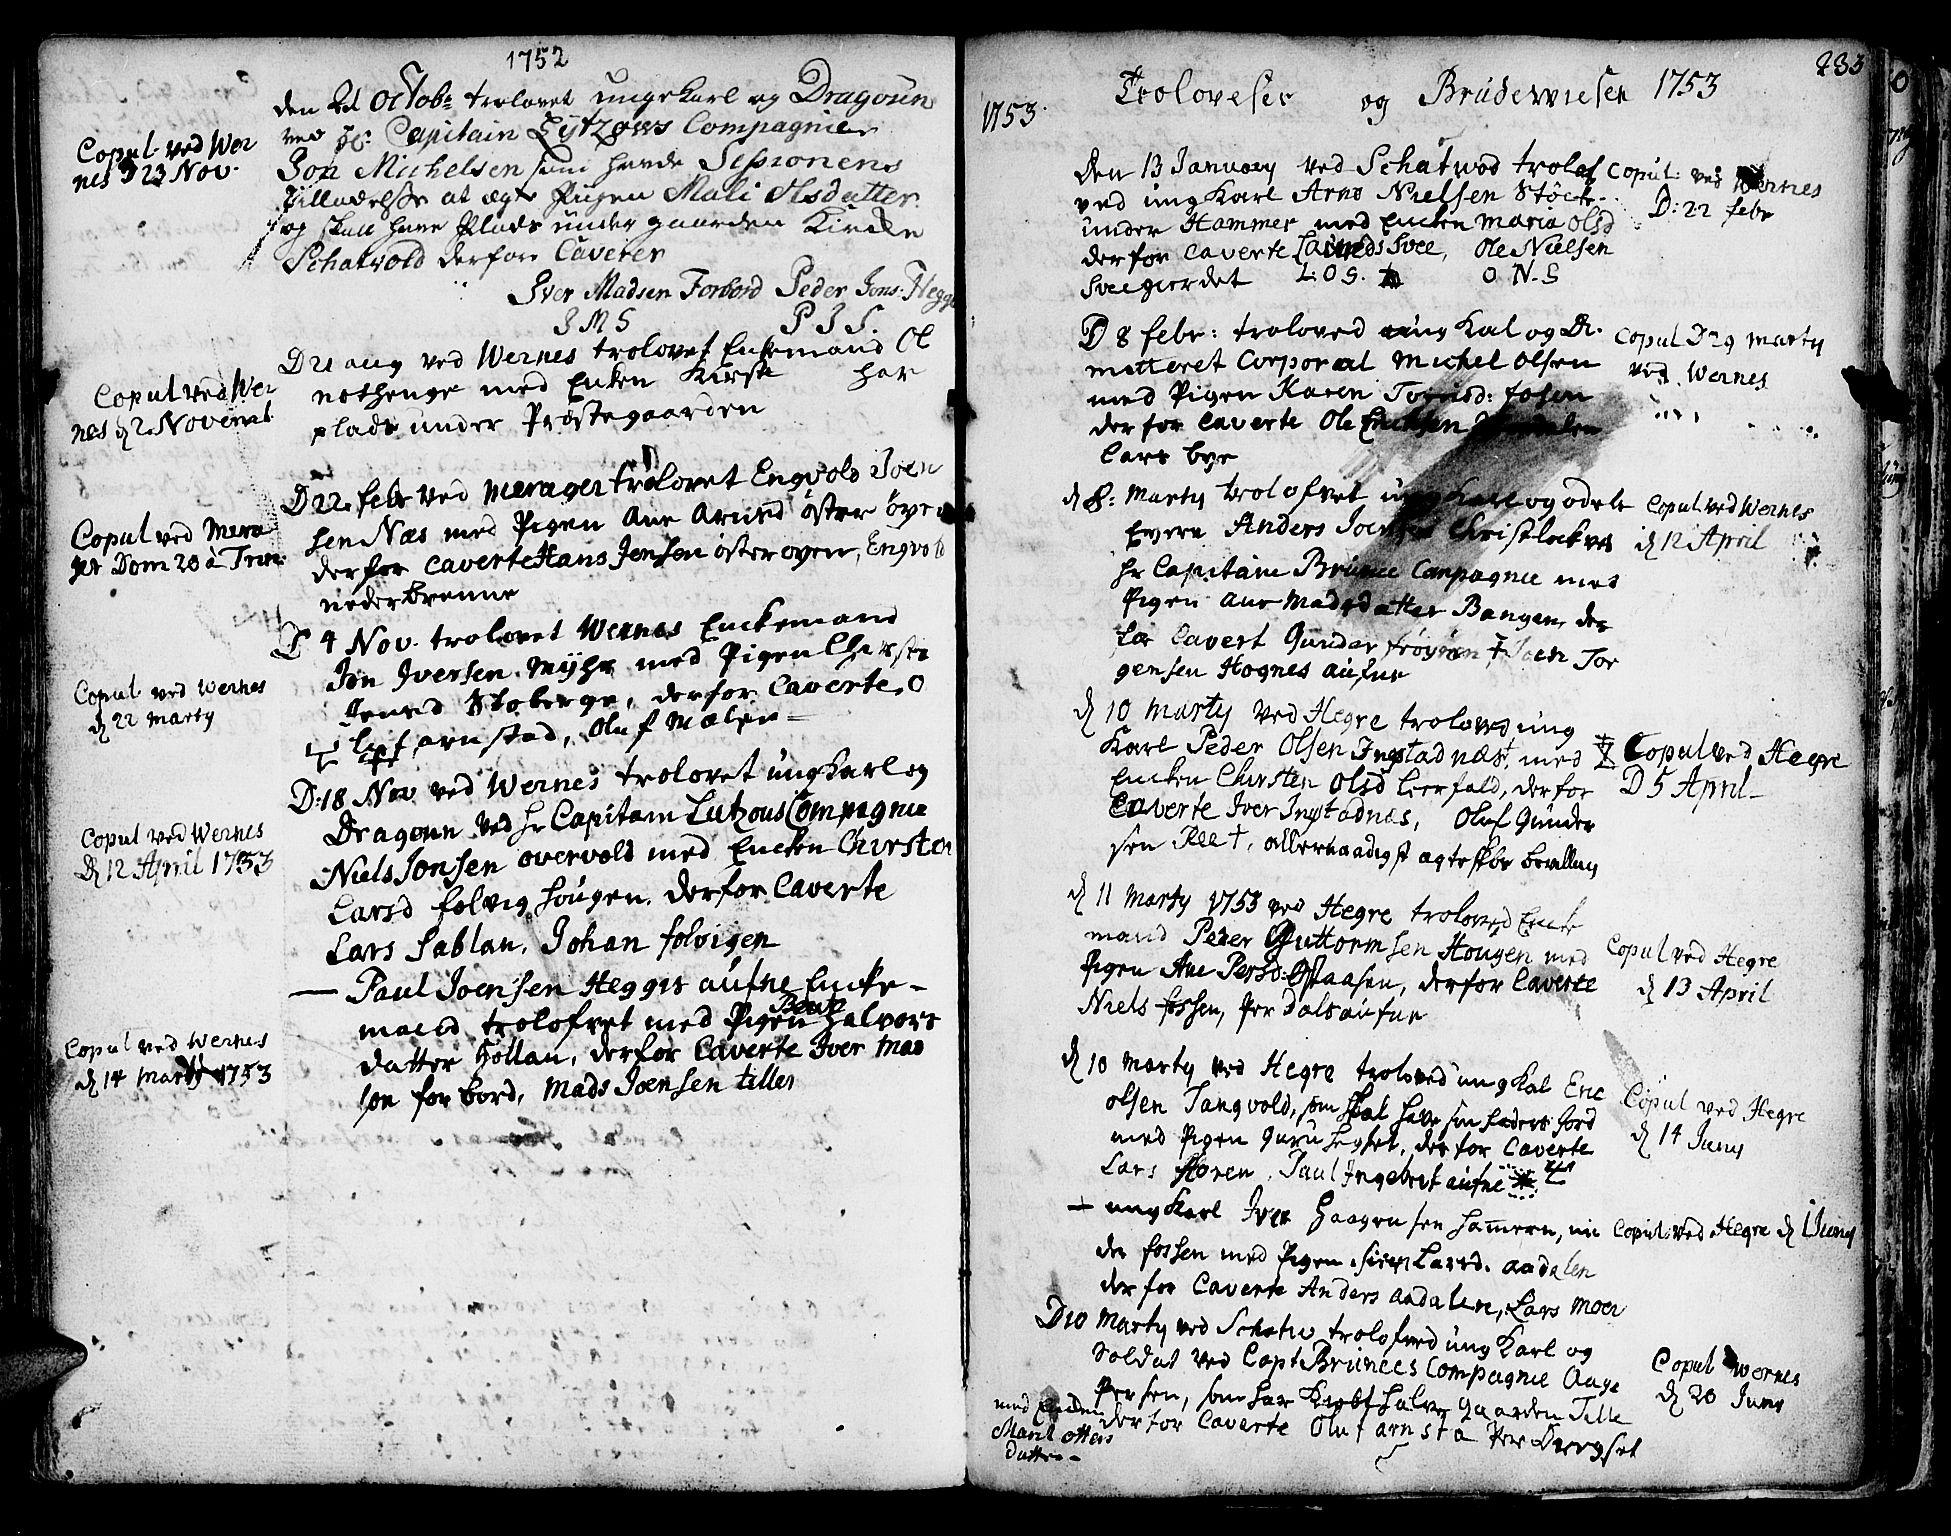 SAT, Ministerialprotokoller, klokkerbøker og fødselsregistre - Nord-Trøndelag, 709/L0056: Ministerialbok nr. 709A04, 1740-1756, s. 233